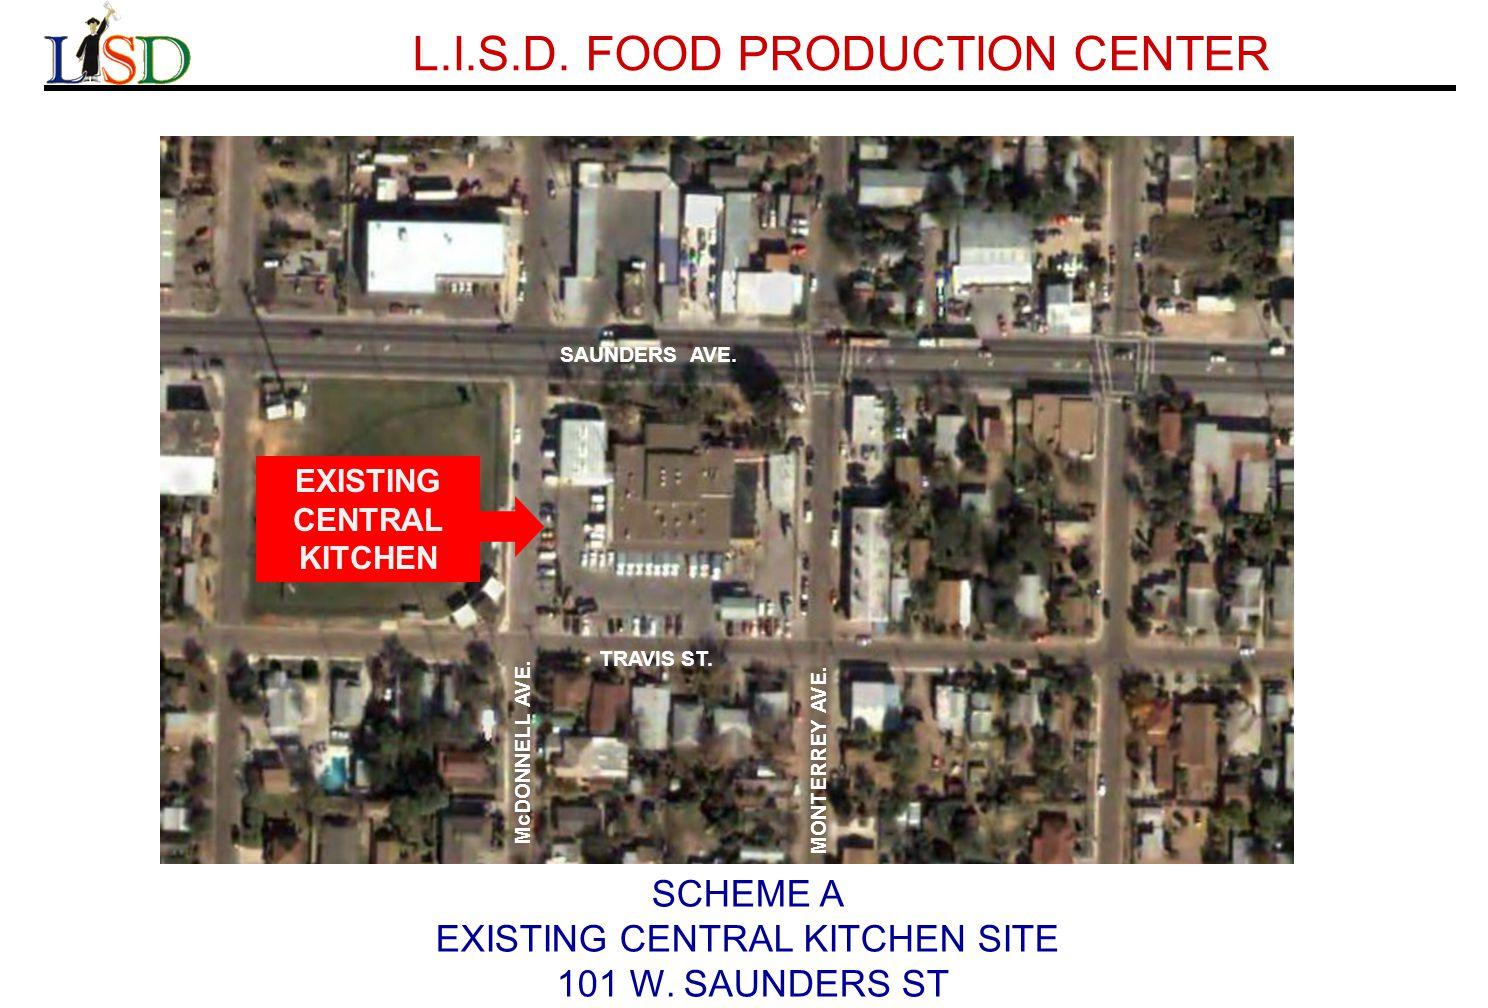 L.I.S.D. FOOD PRODUCTION CENTER SCHEME A EXISTING CENTRAL KITCHEN SITE 101 W.